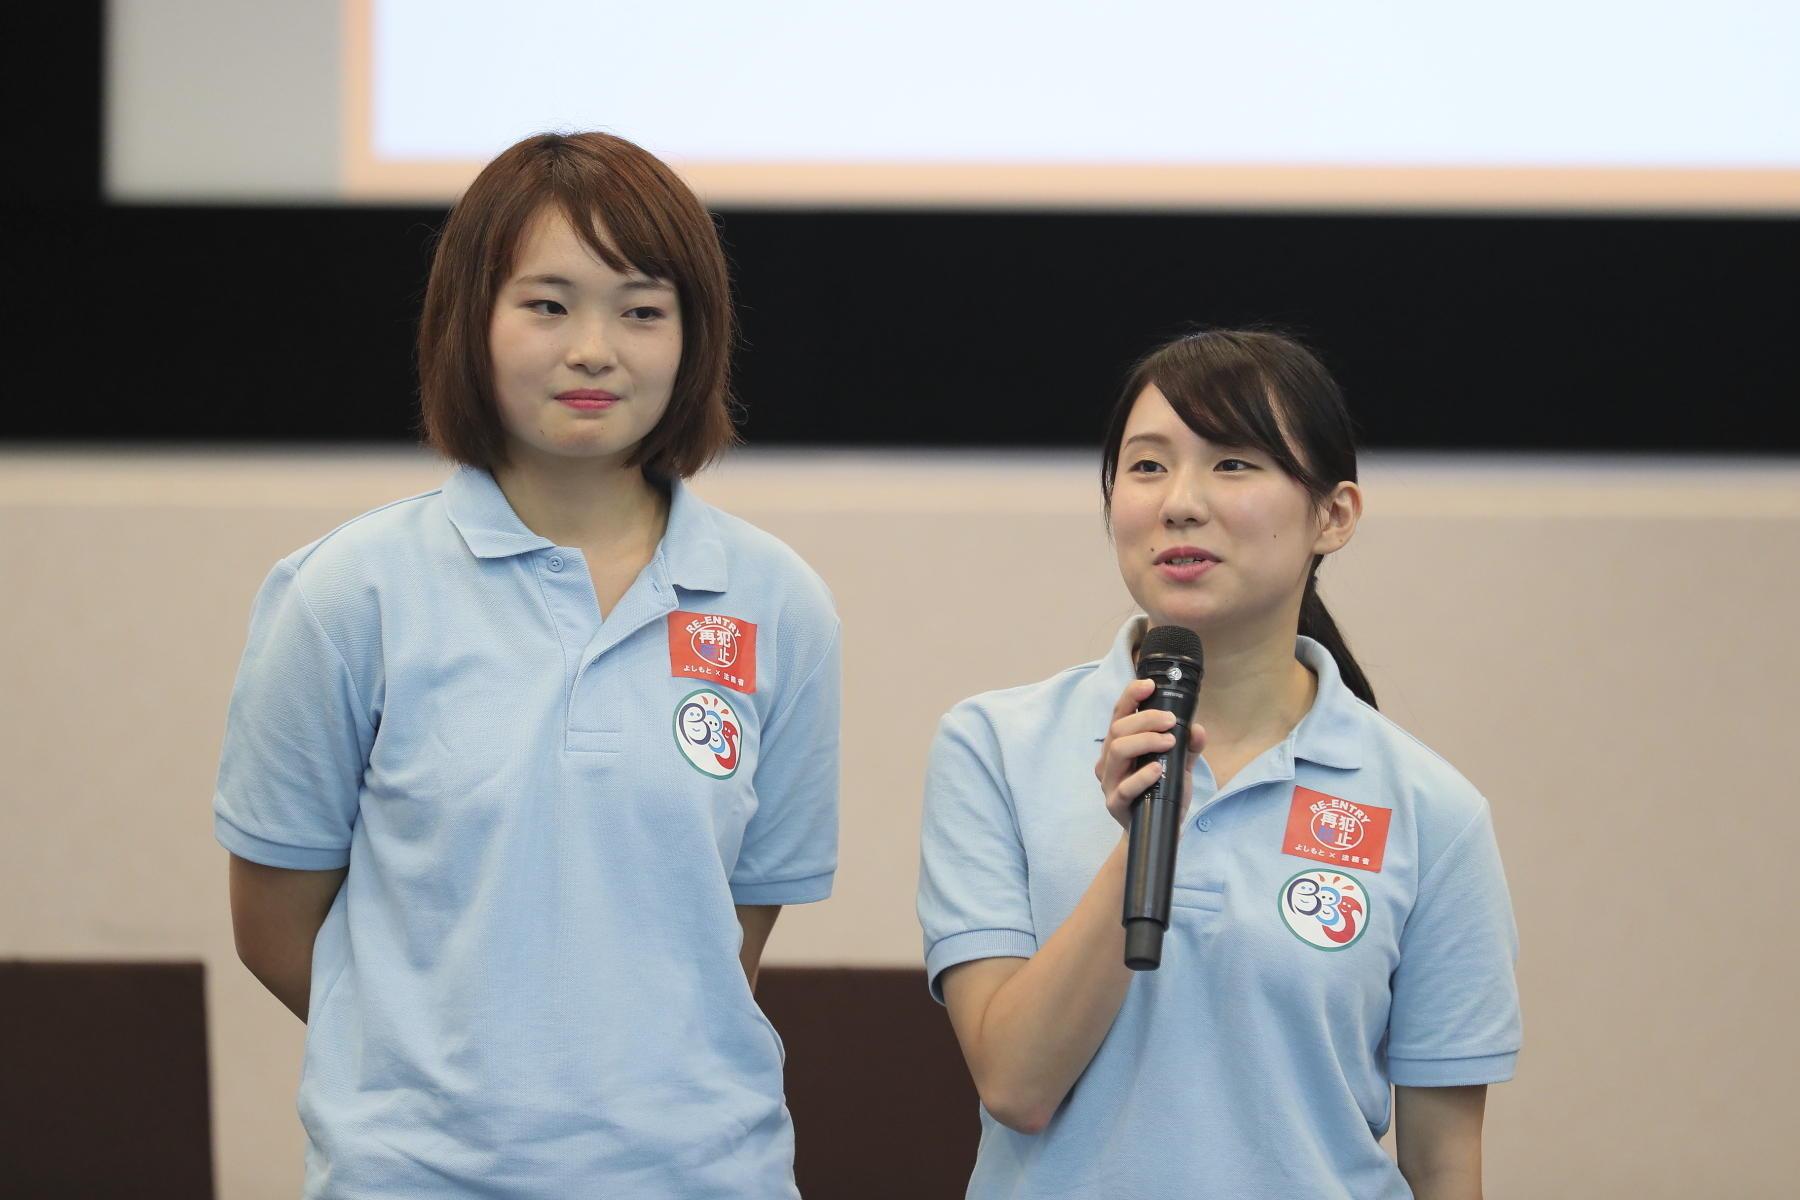 http://news.yoshimoto.co.jp/20181006203941-64ad62ea50f2c0078df20a033fd214aa4185ae44.jpg